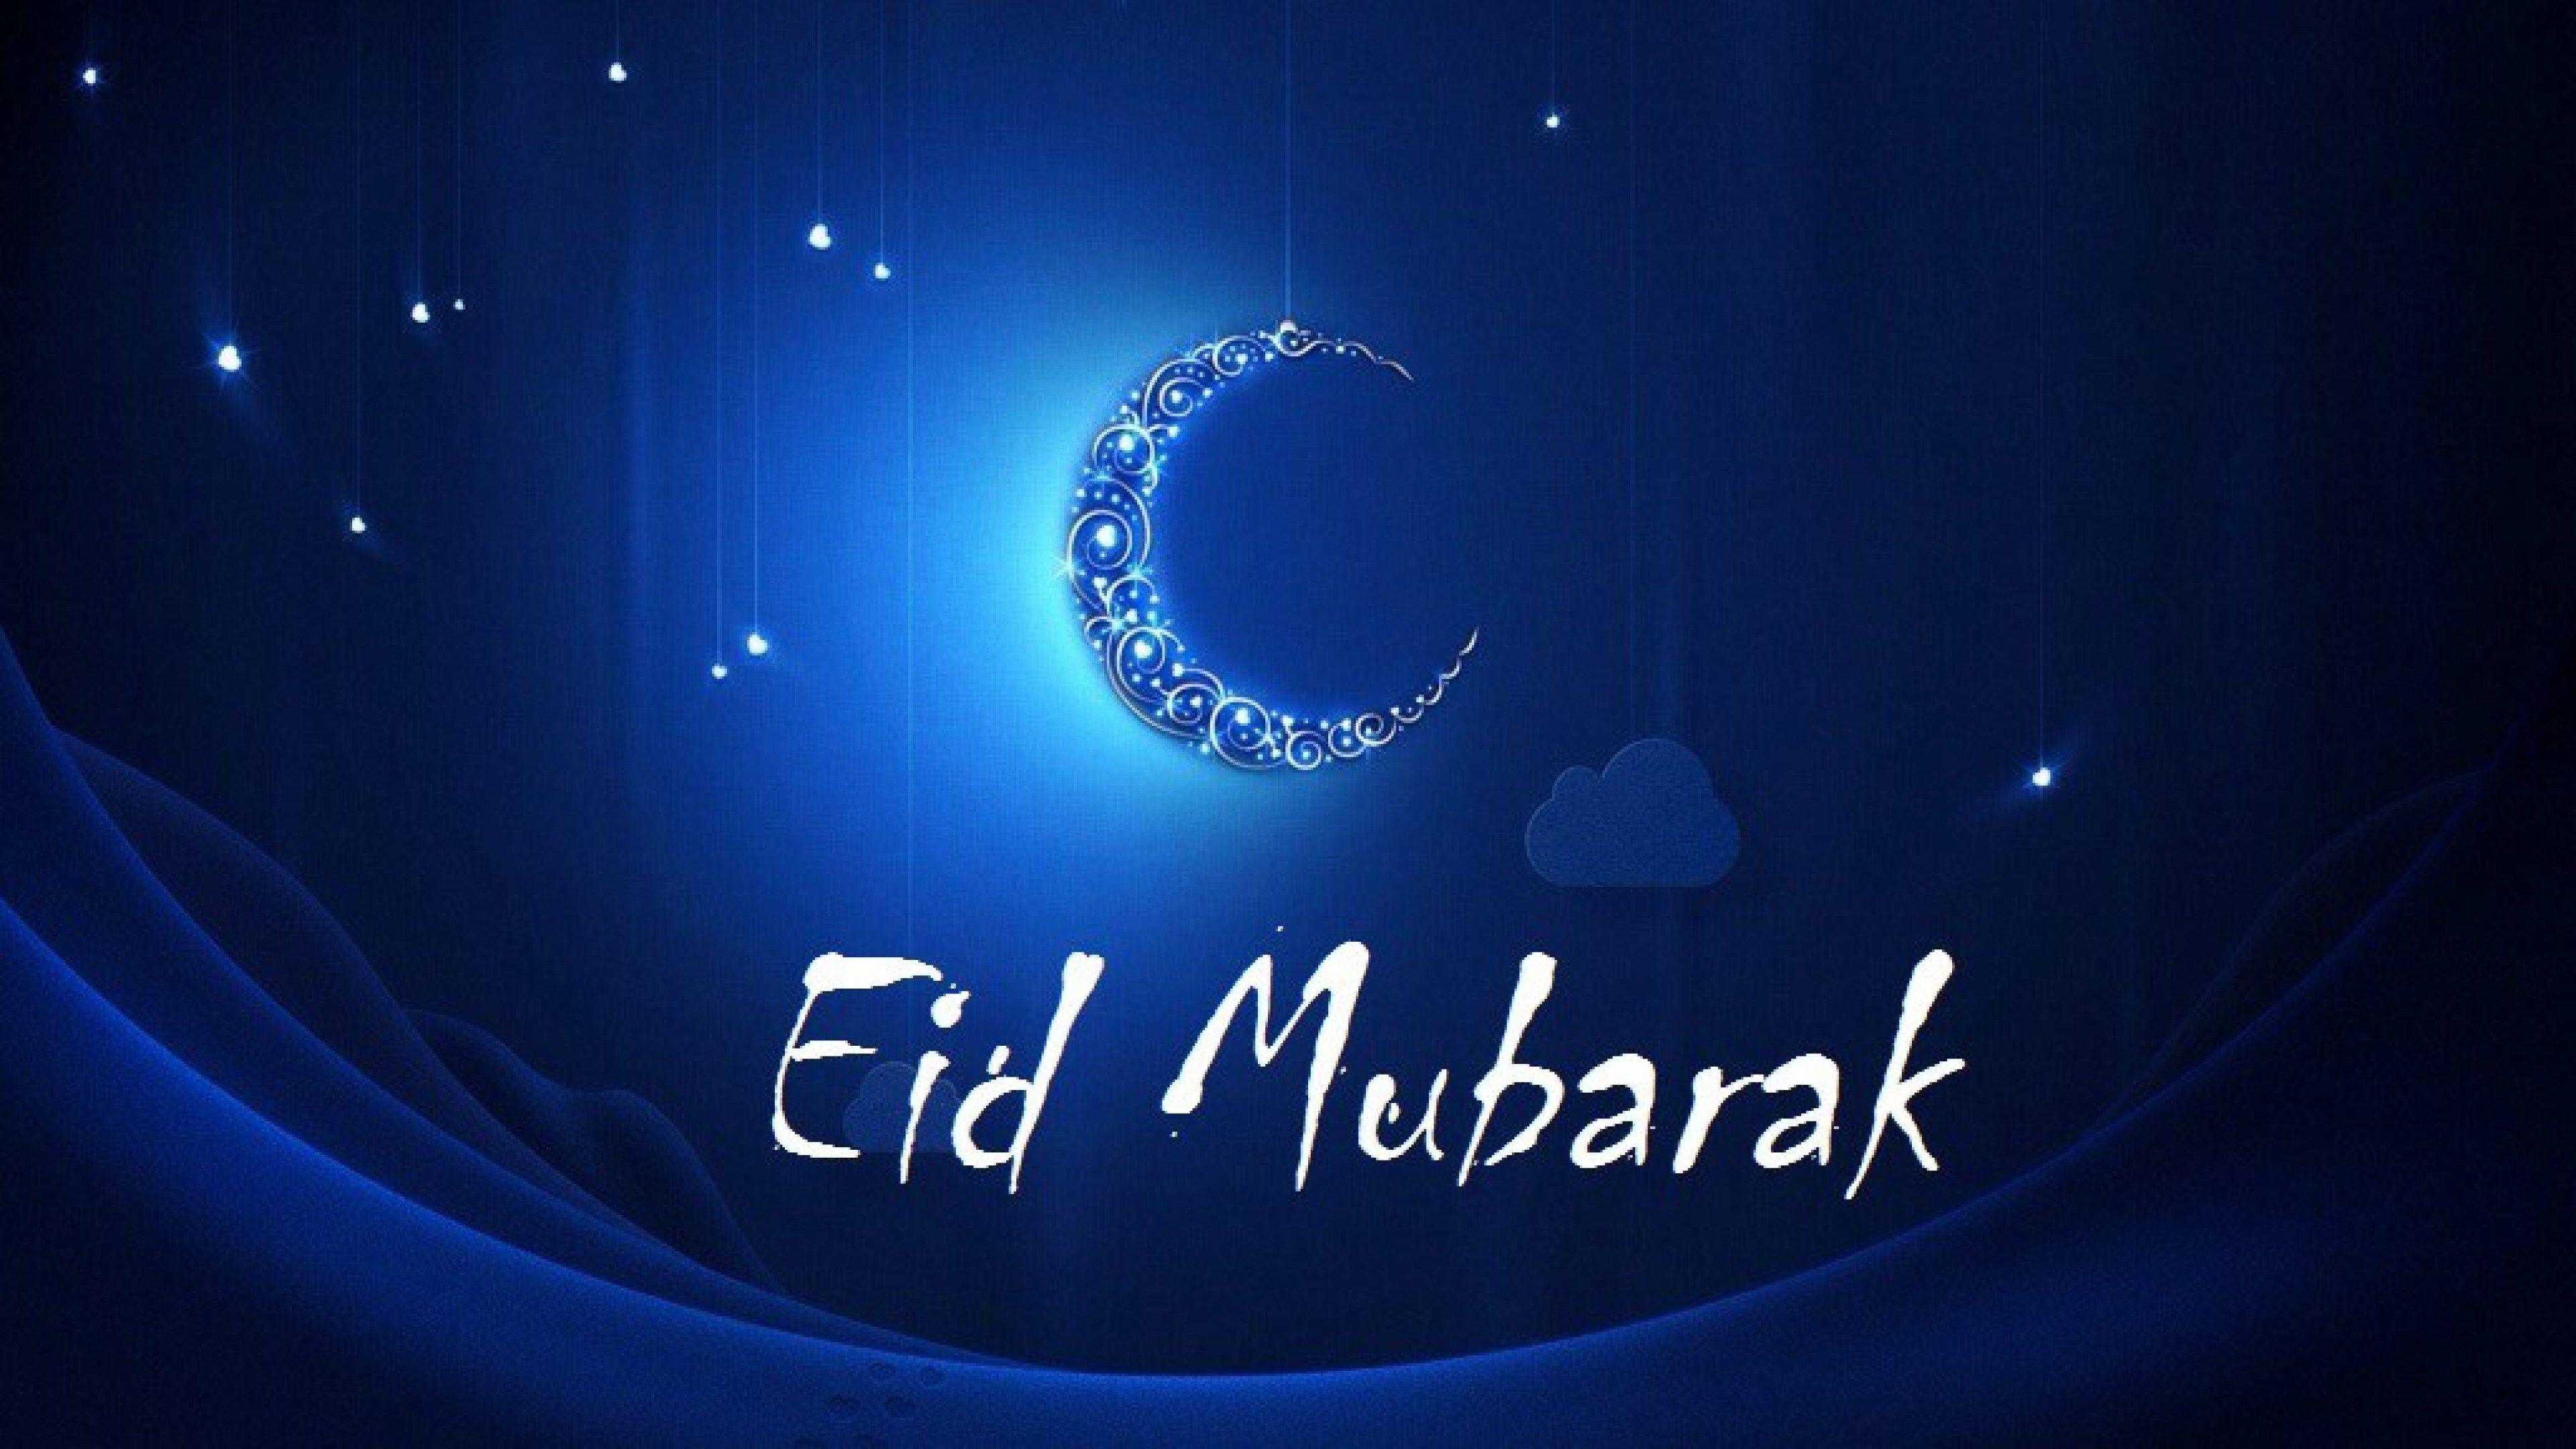 Eid Mubarak Ultra Hd 4k Wallpapers 2018 Eid Mubarak Happy Eid